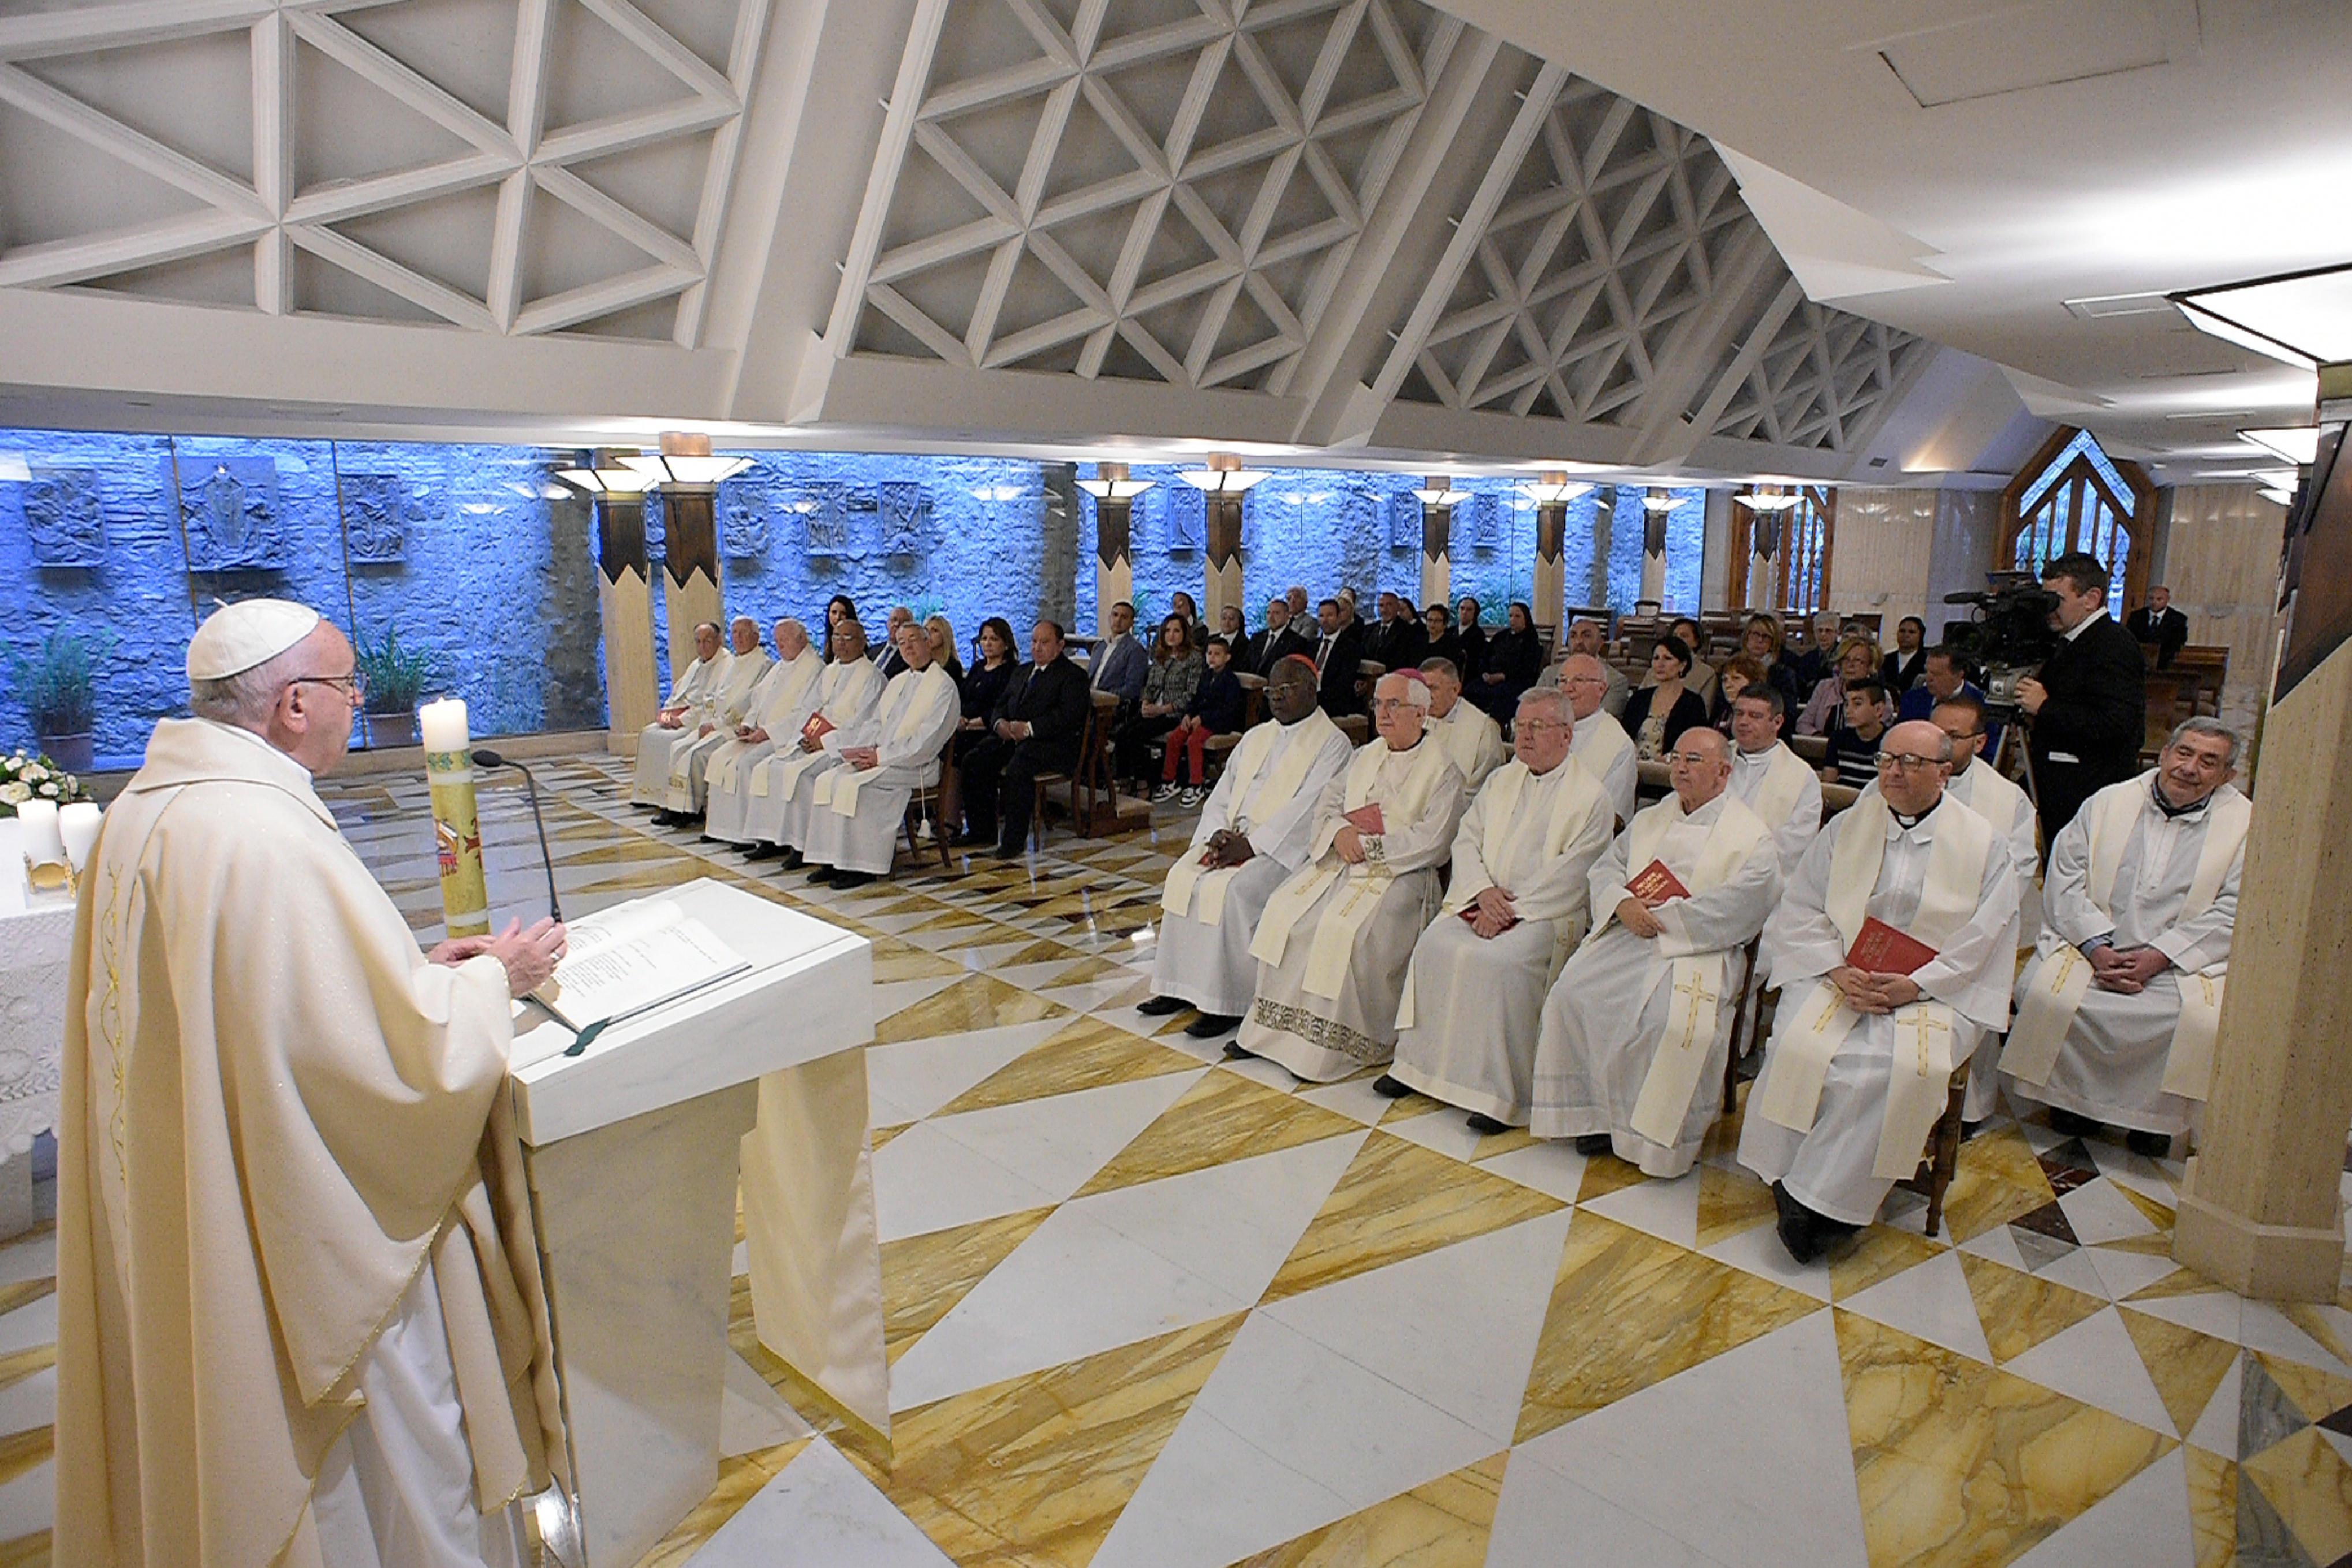 Misa en Santa Marta 27/04/2018 © Vatican Media